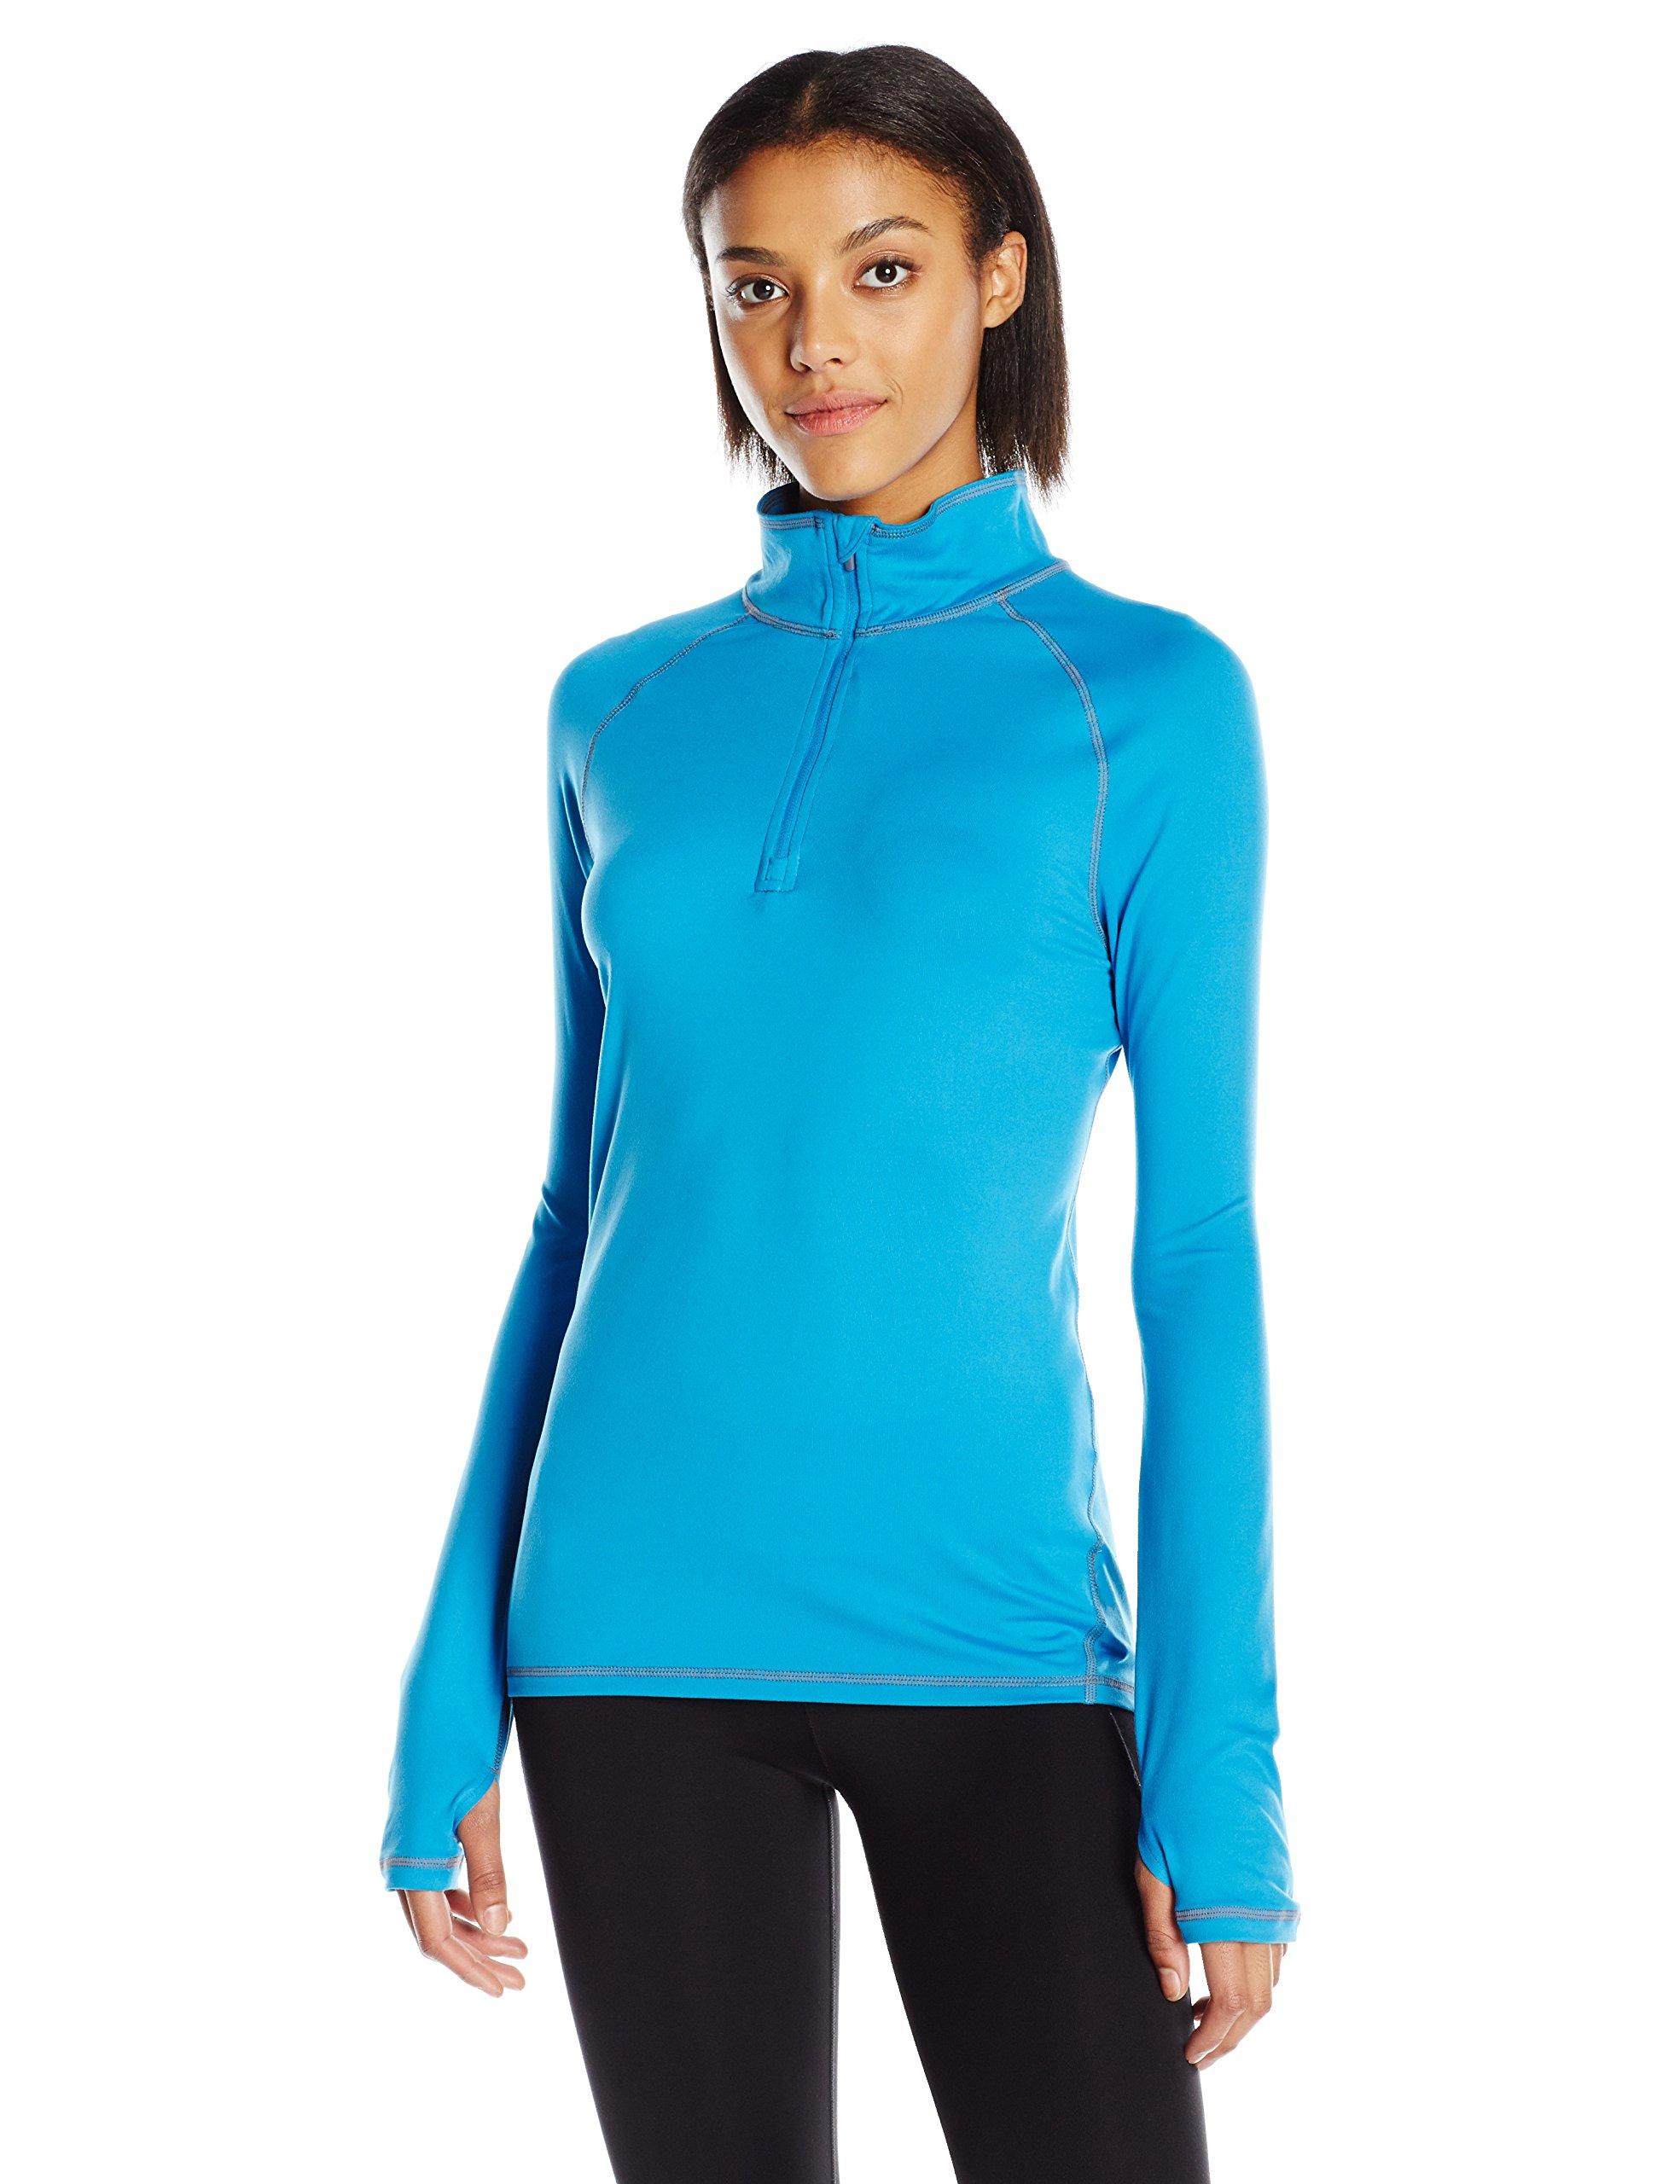 Hanes Women's Sport Performance Fleece Quarter Zip Pullover, Underwater Blue, M